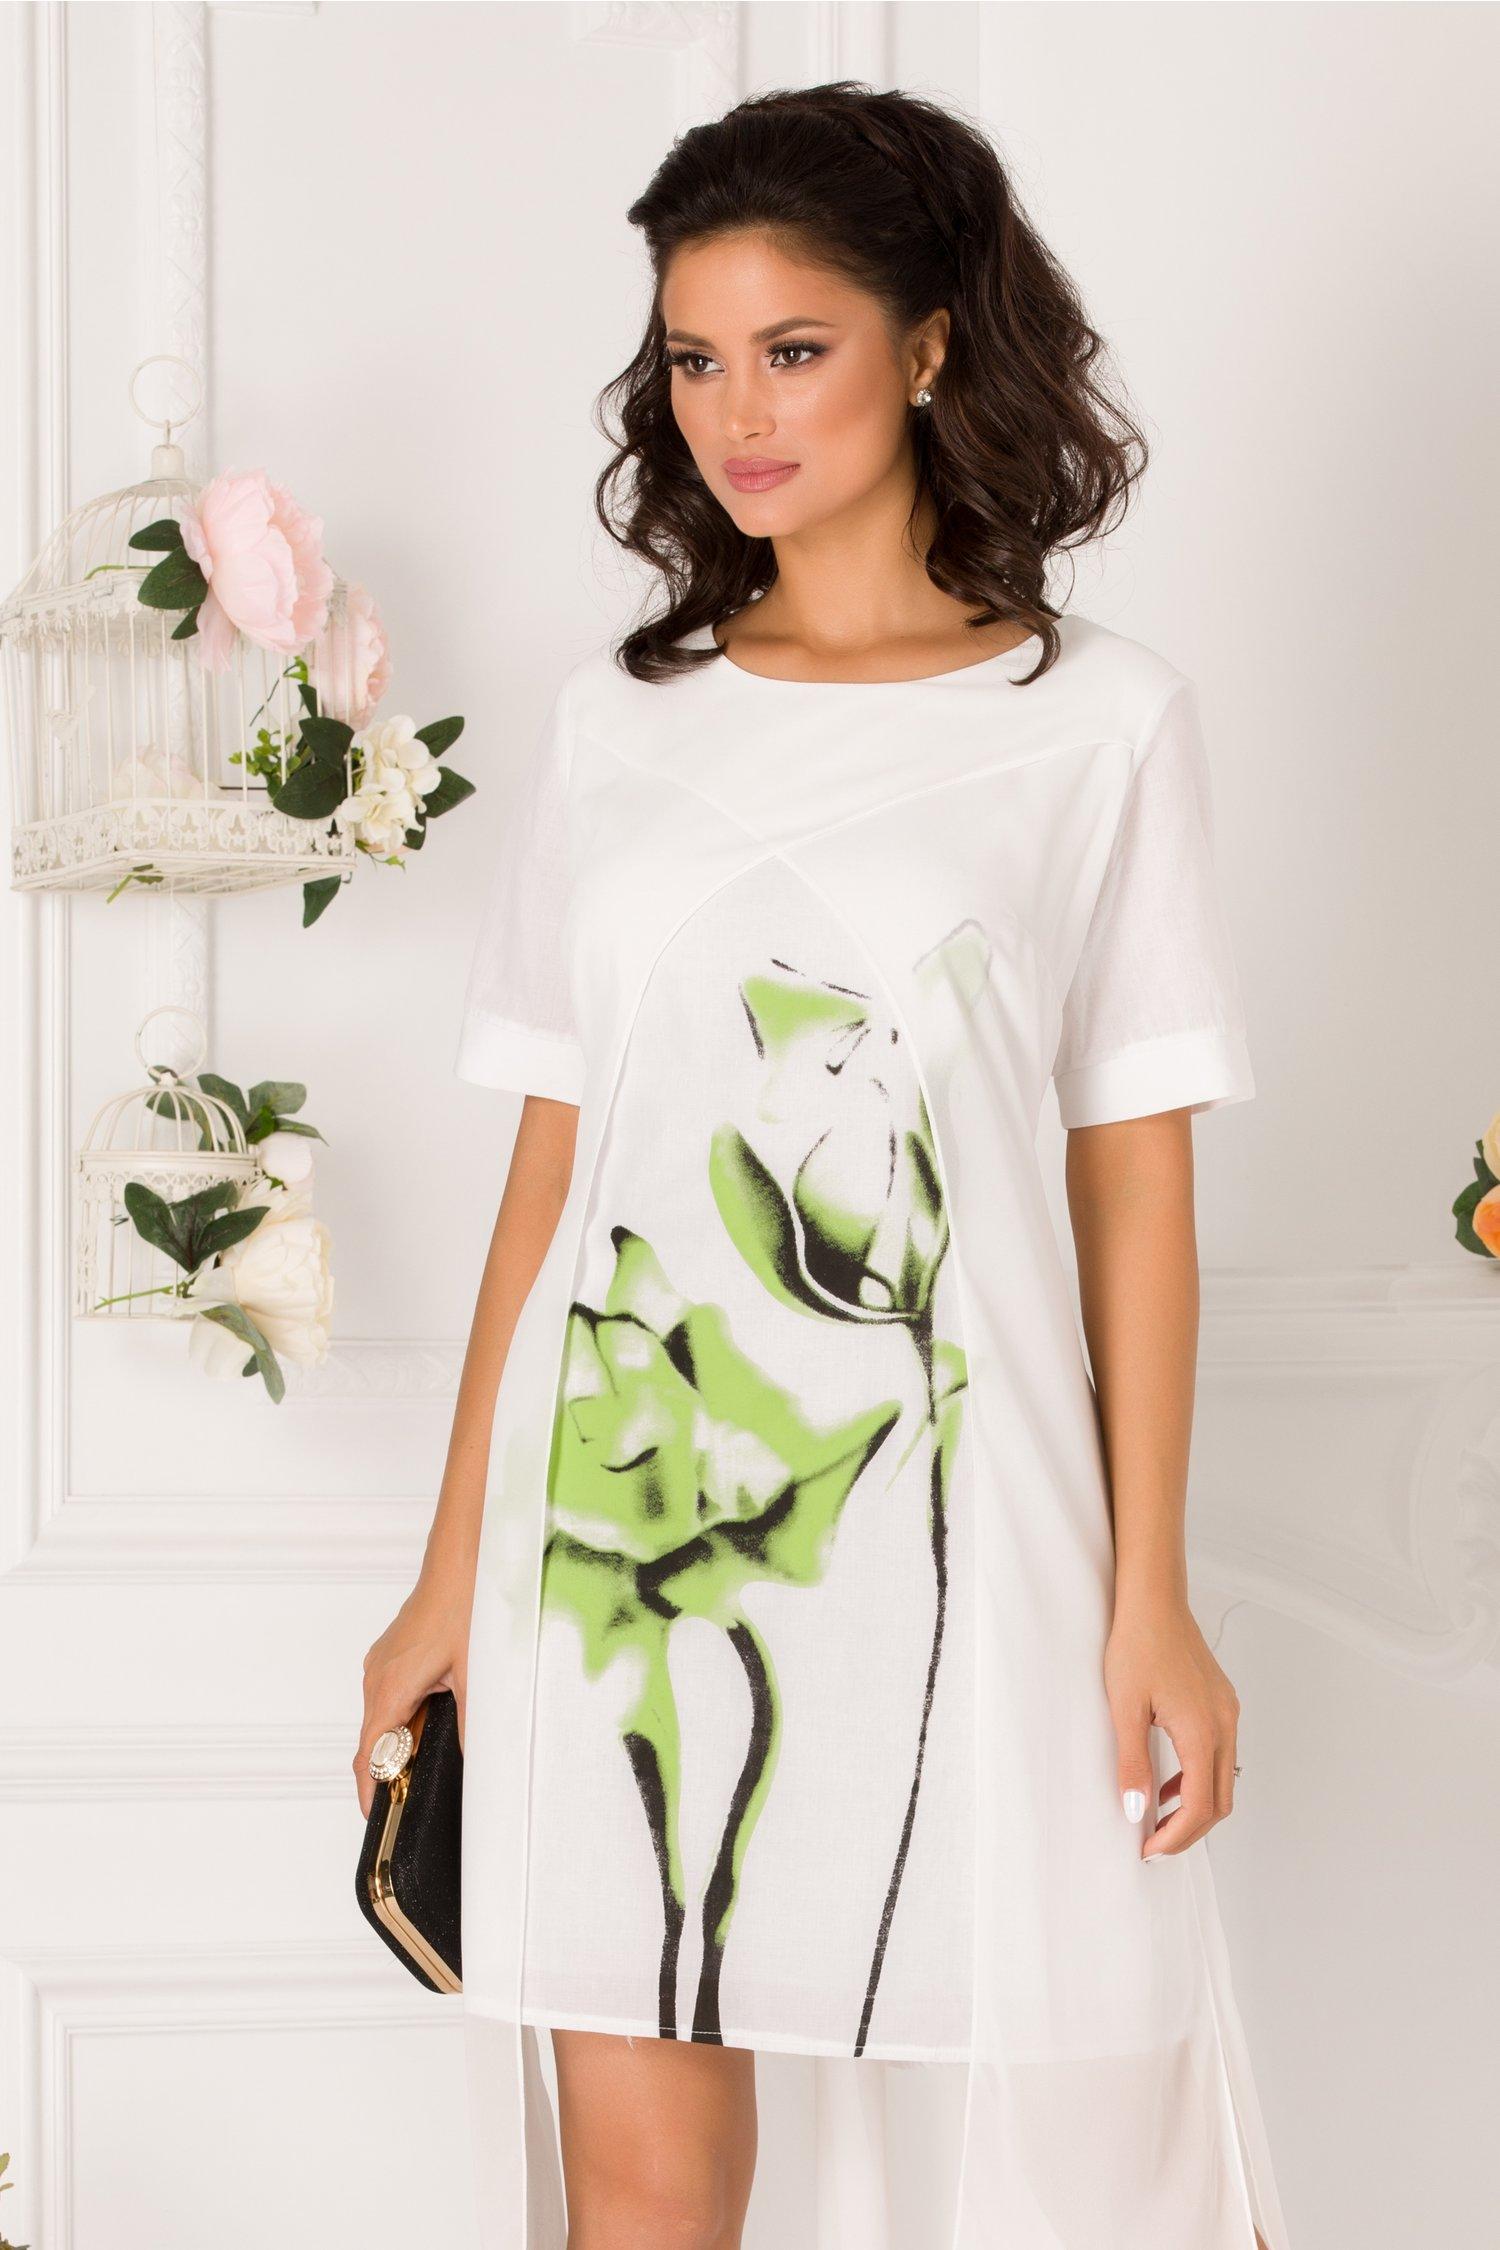 Rochie Alexia alba cu imprimeu floral verde si voal